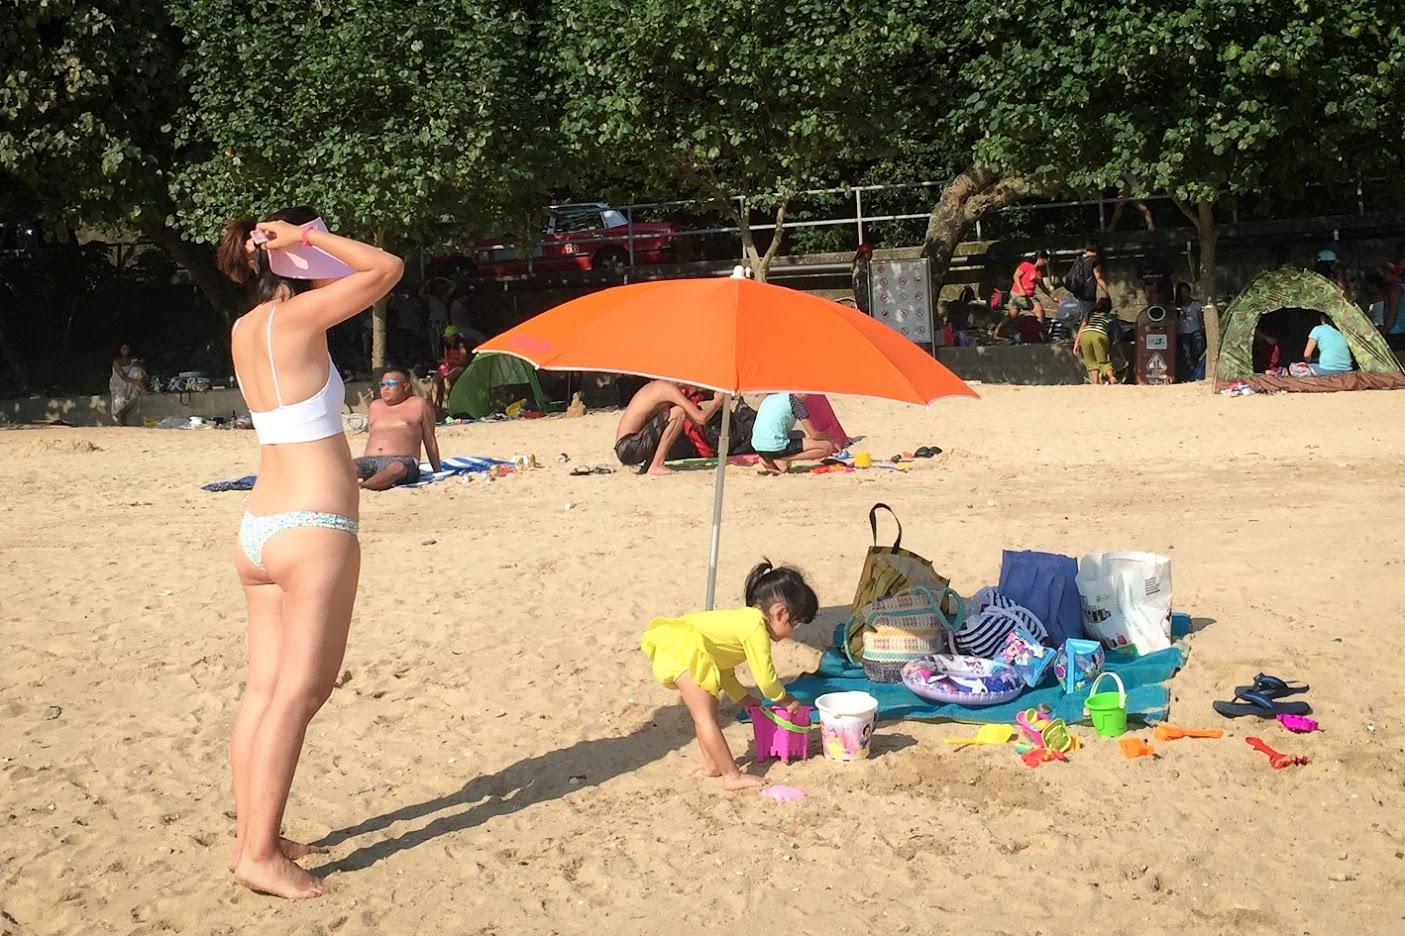 Brazilian Bikini Hong Kong